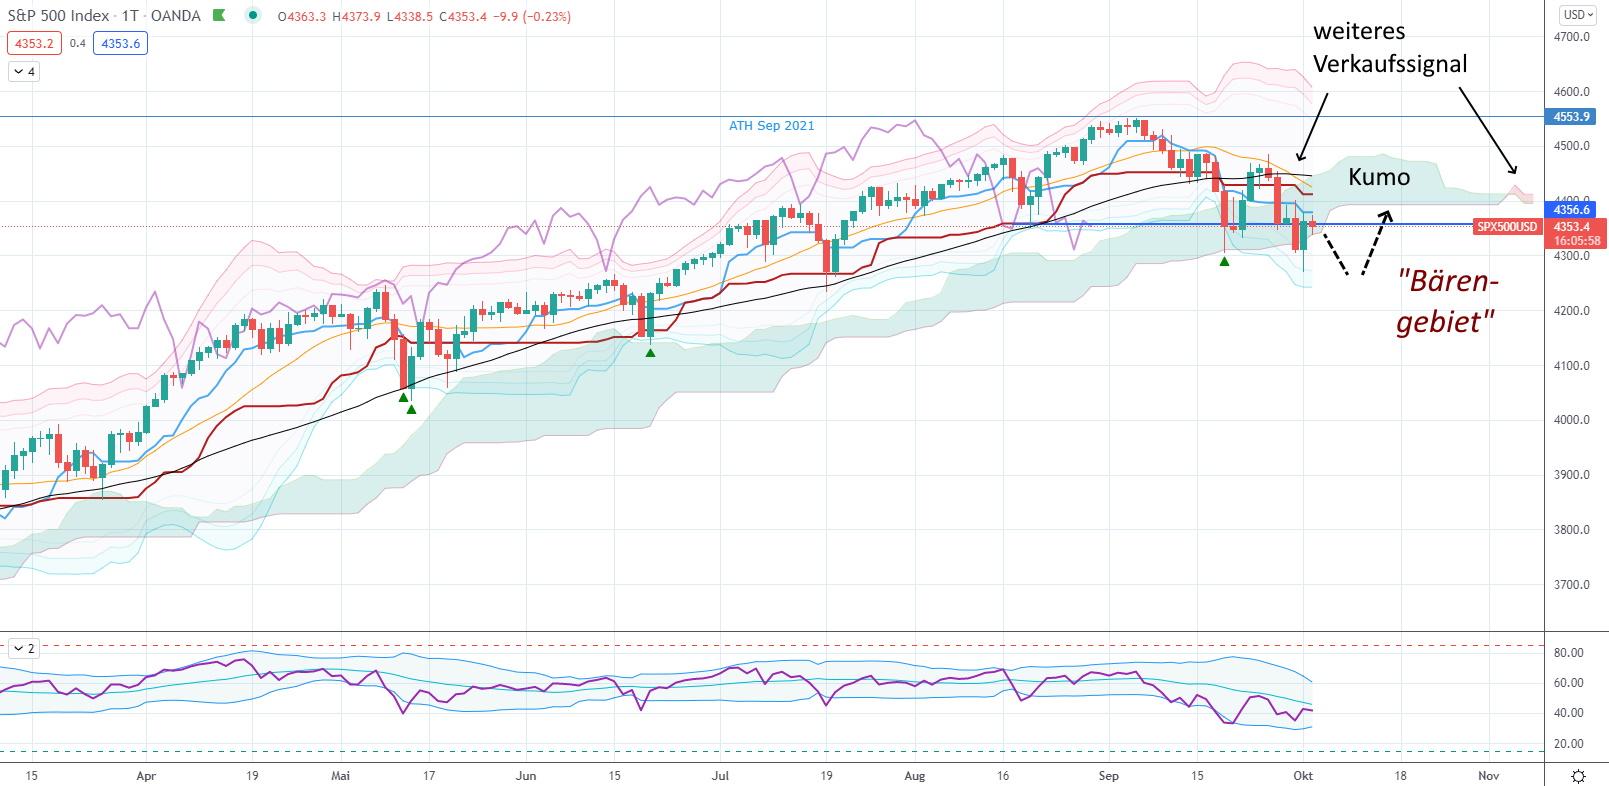 Der S&P 500 im Bärenmarktmodus! - S&P 500